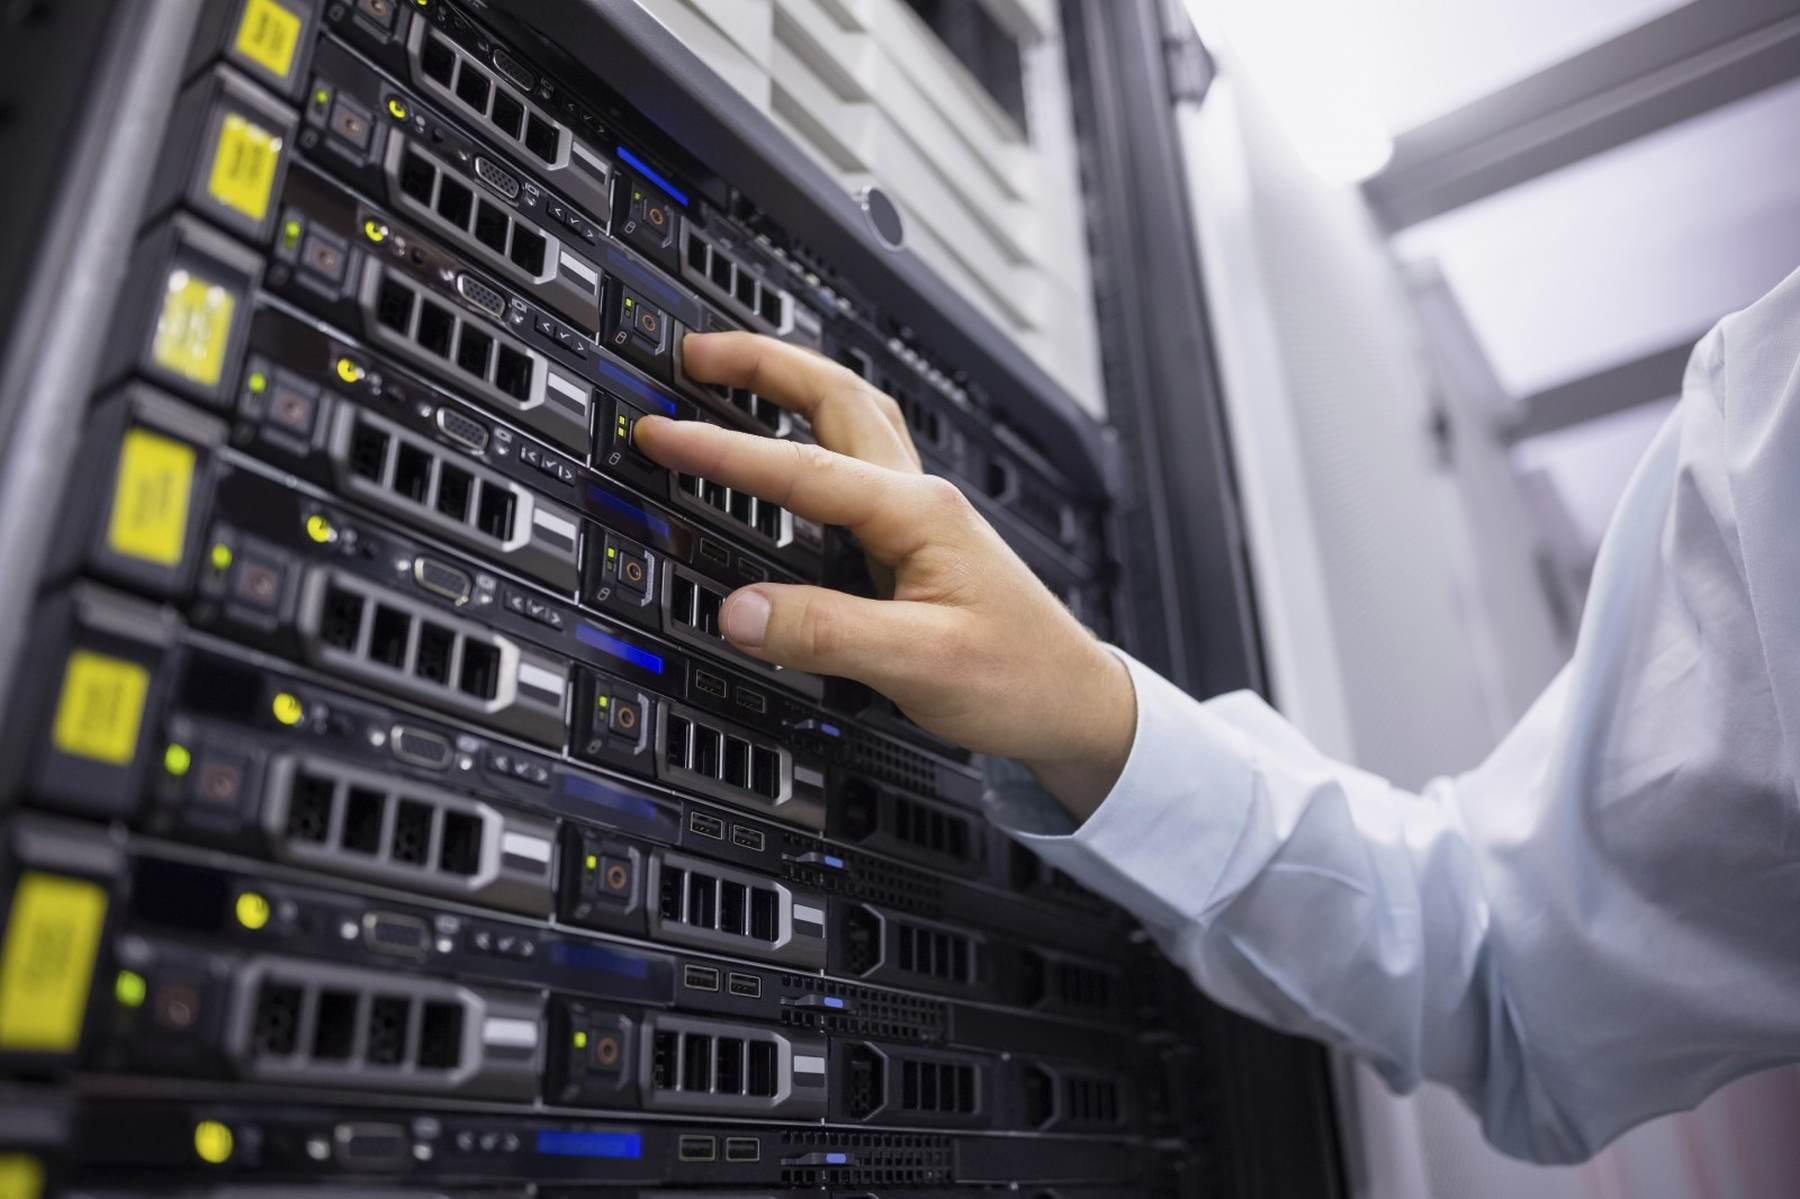 Mantenimiento informático Madrid